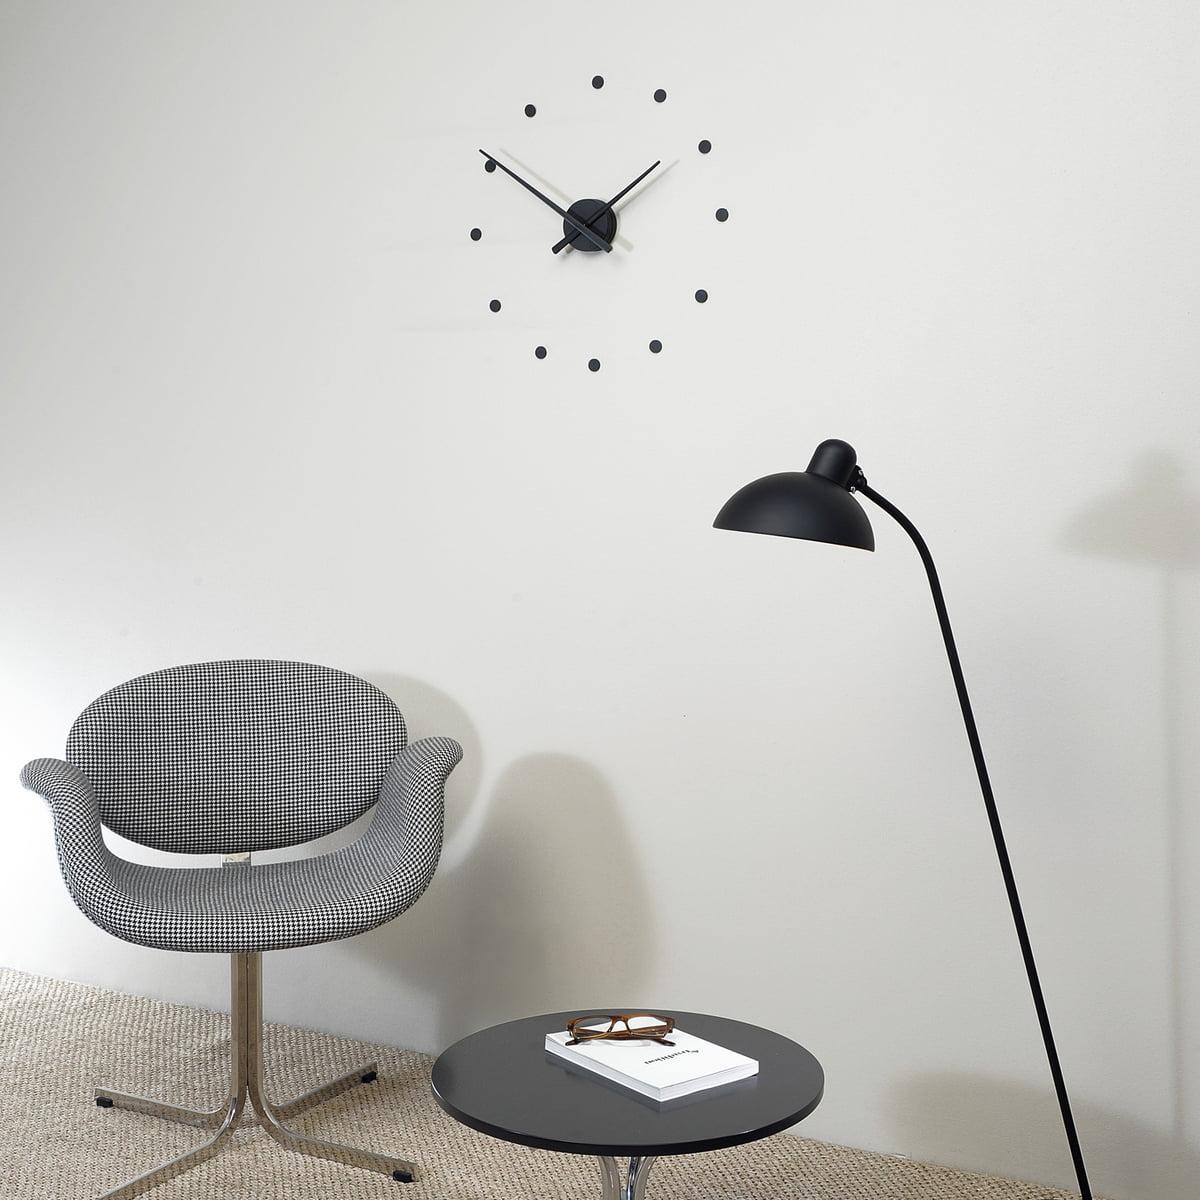 Oj mini wall clock by nomon in the shop oj mini wall clock by nomon in black amipublicfo Choice Image